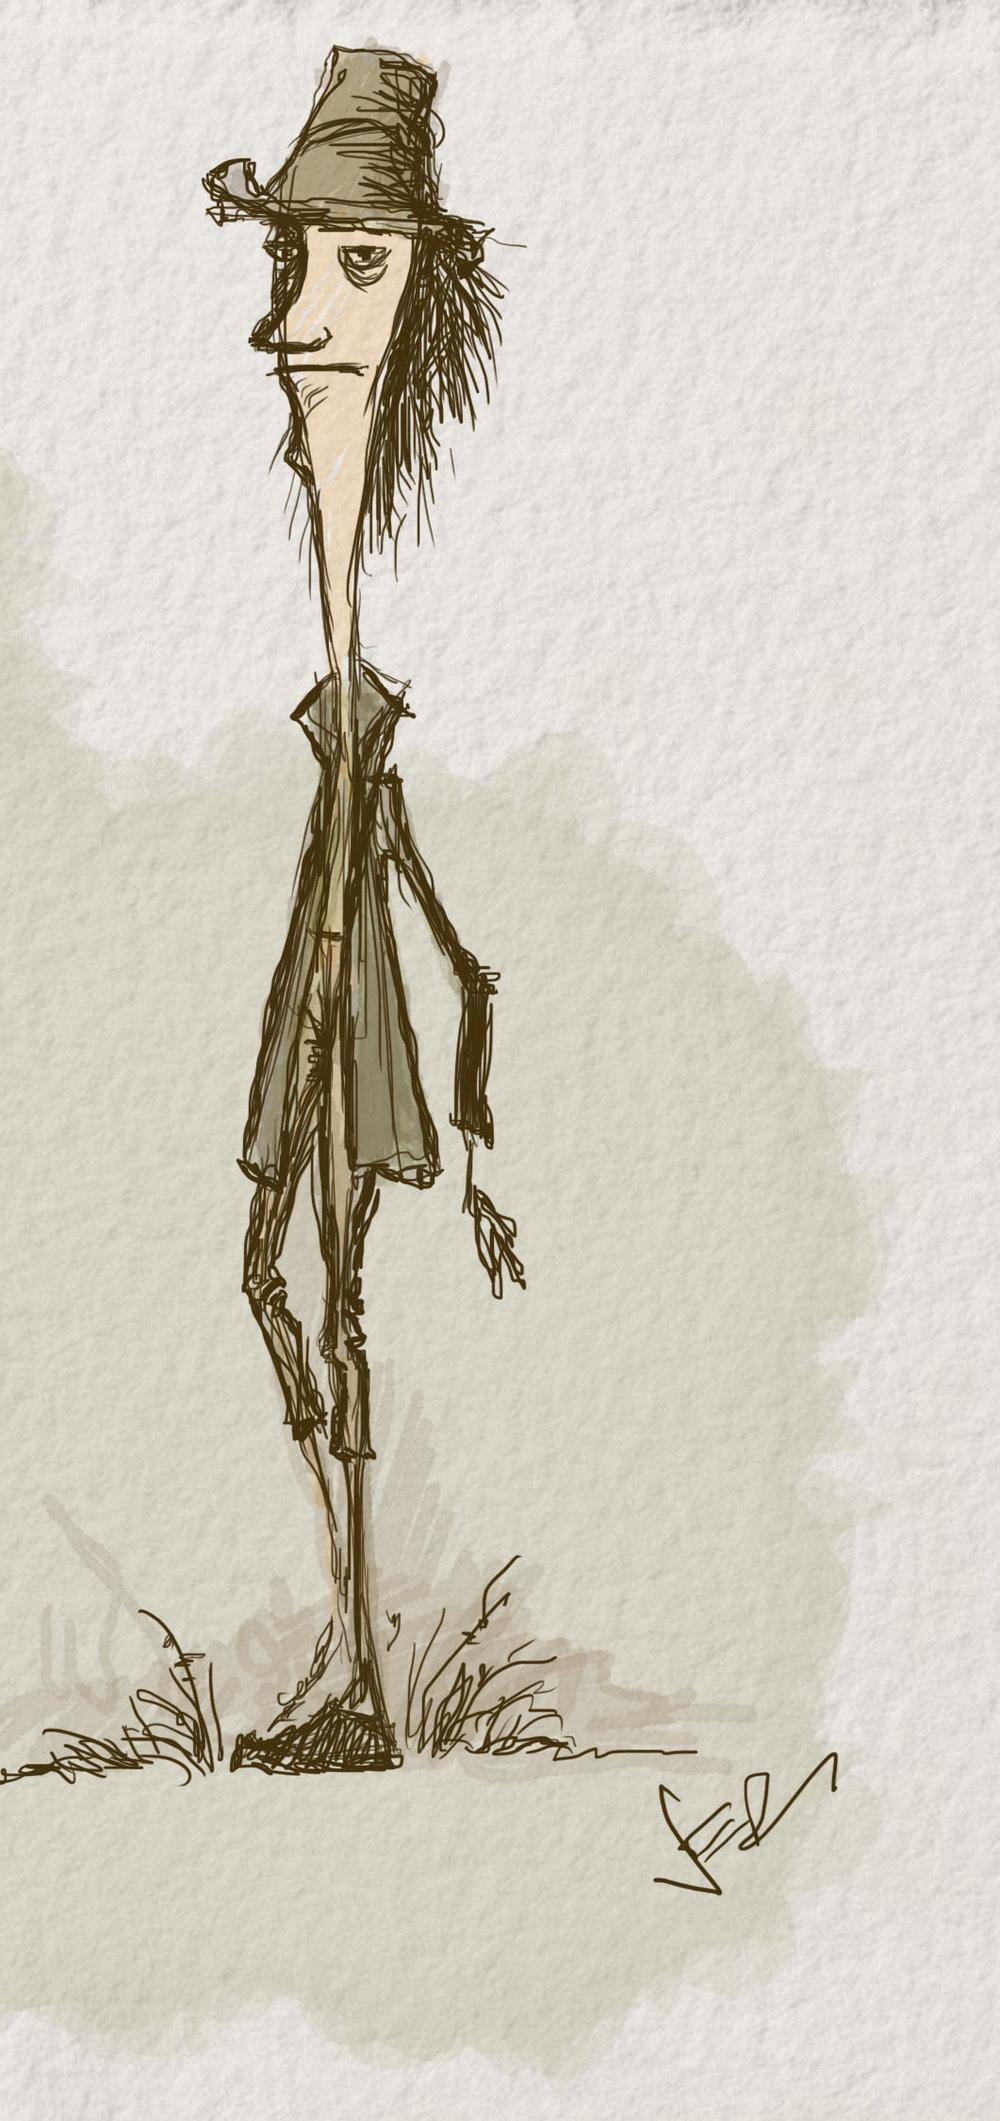 Stingy Jack sketch